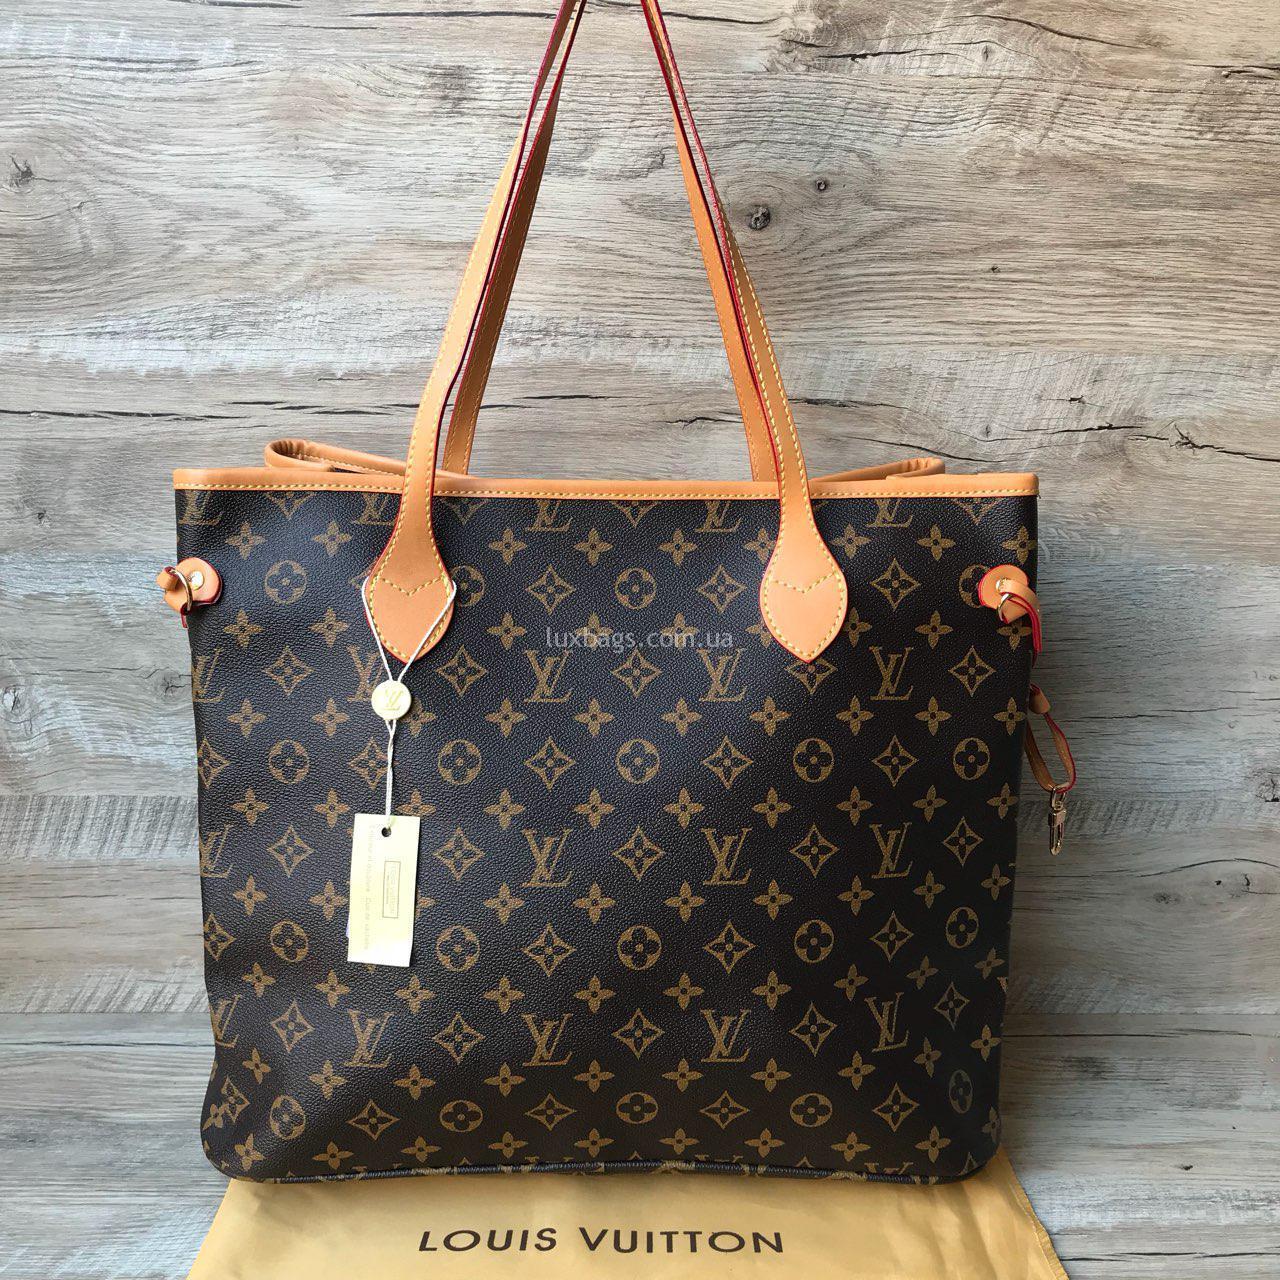 e4d846c67d0c Сумка Louis Vuitton (Луи Виттон) большая Купить на lux-bags